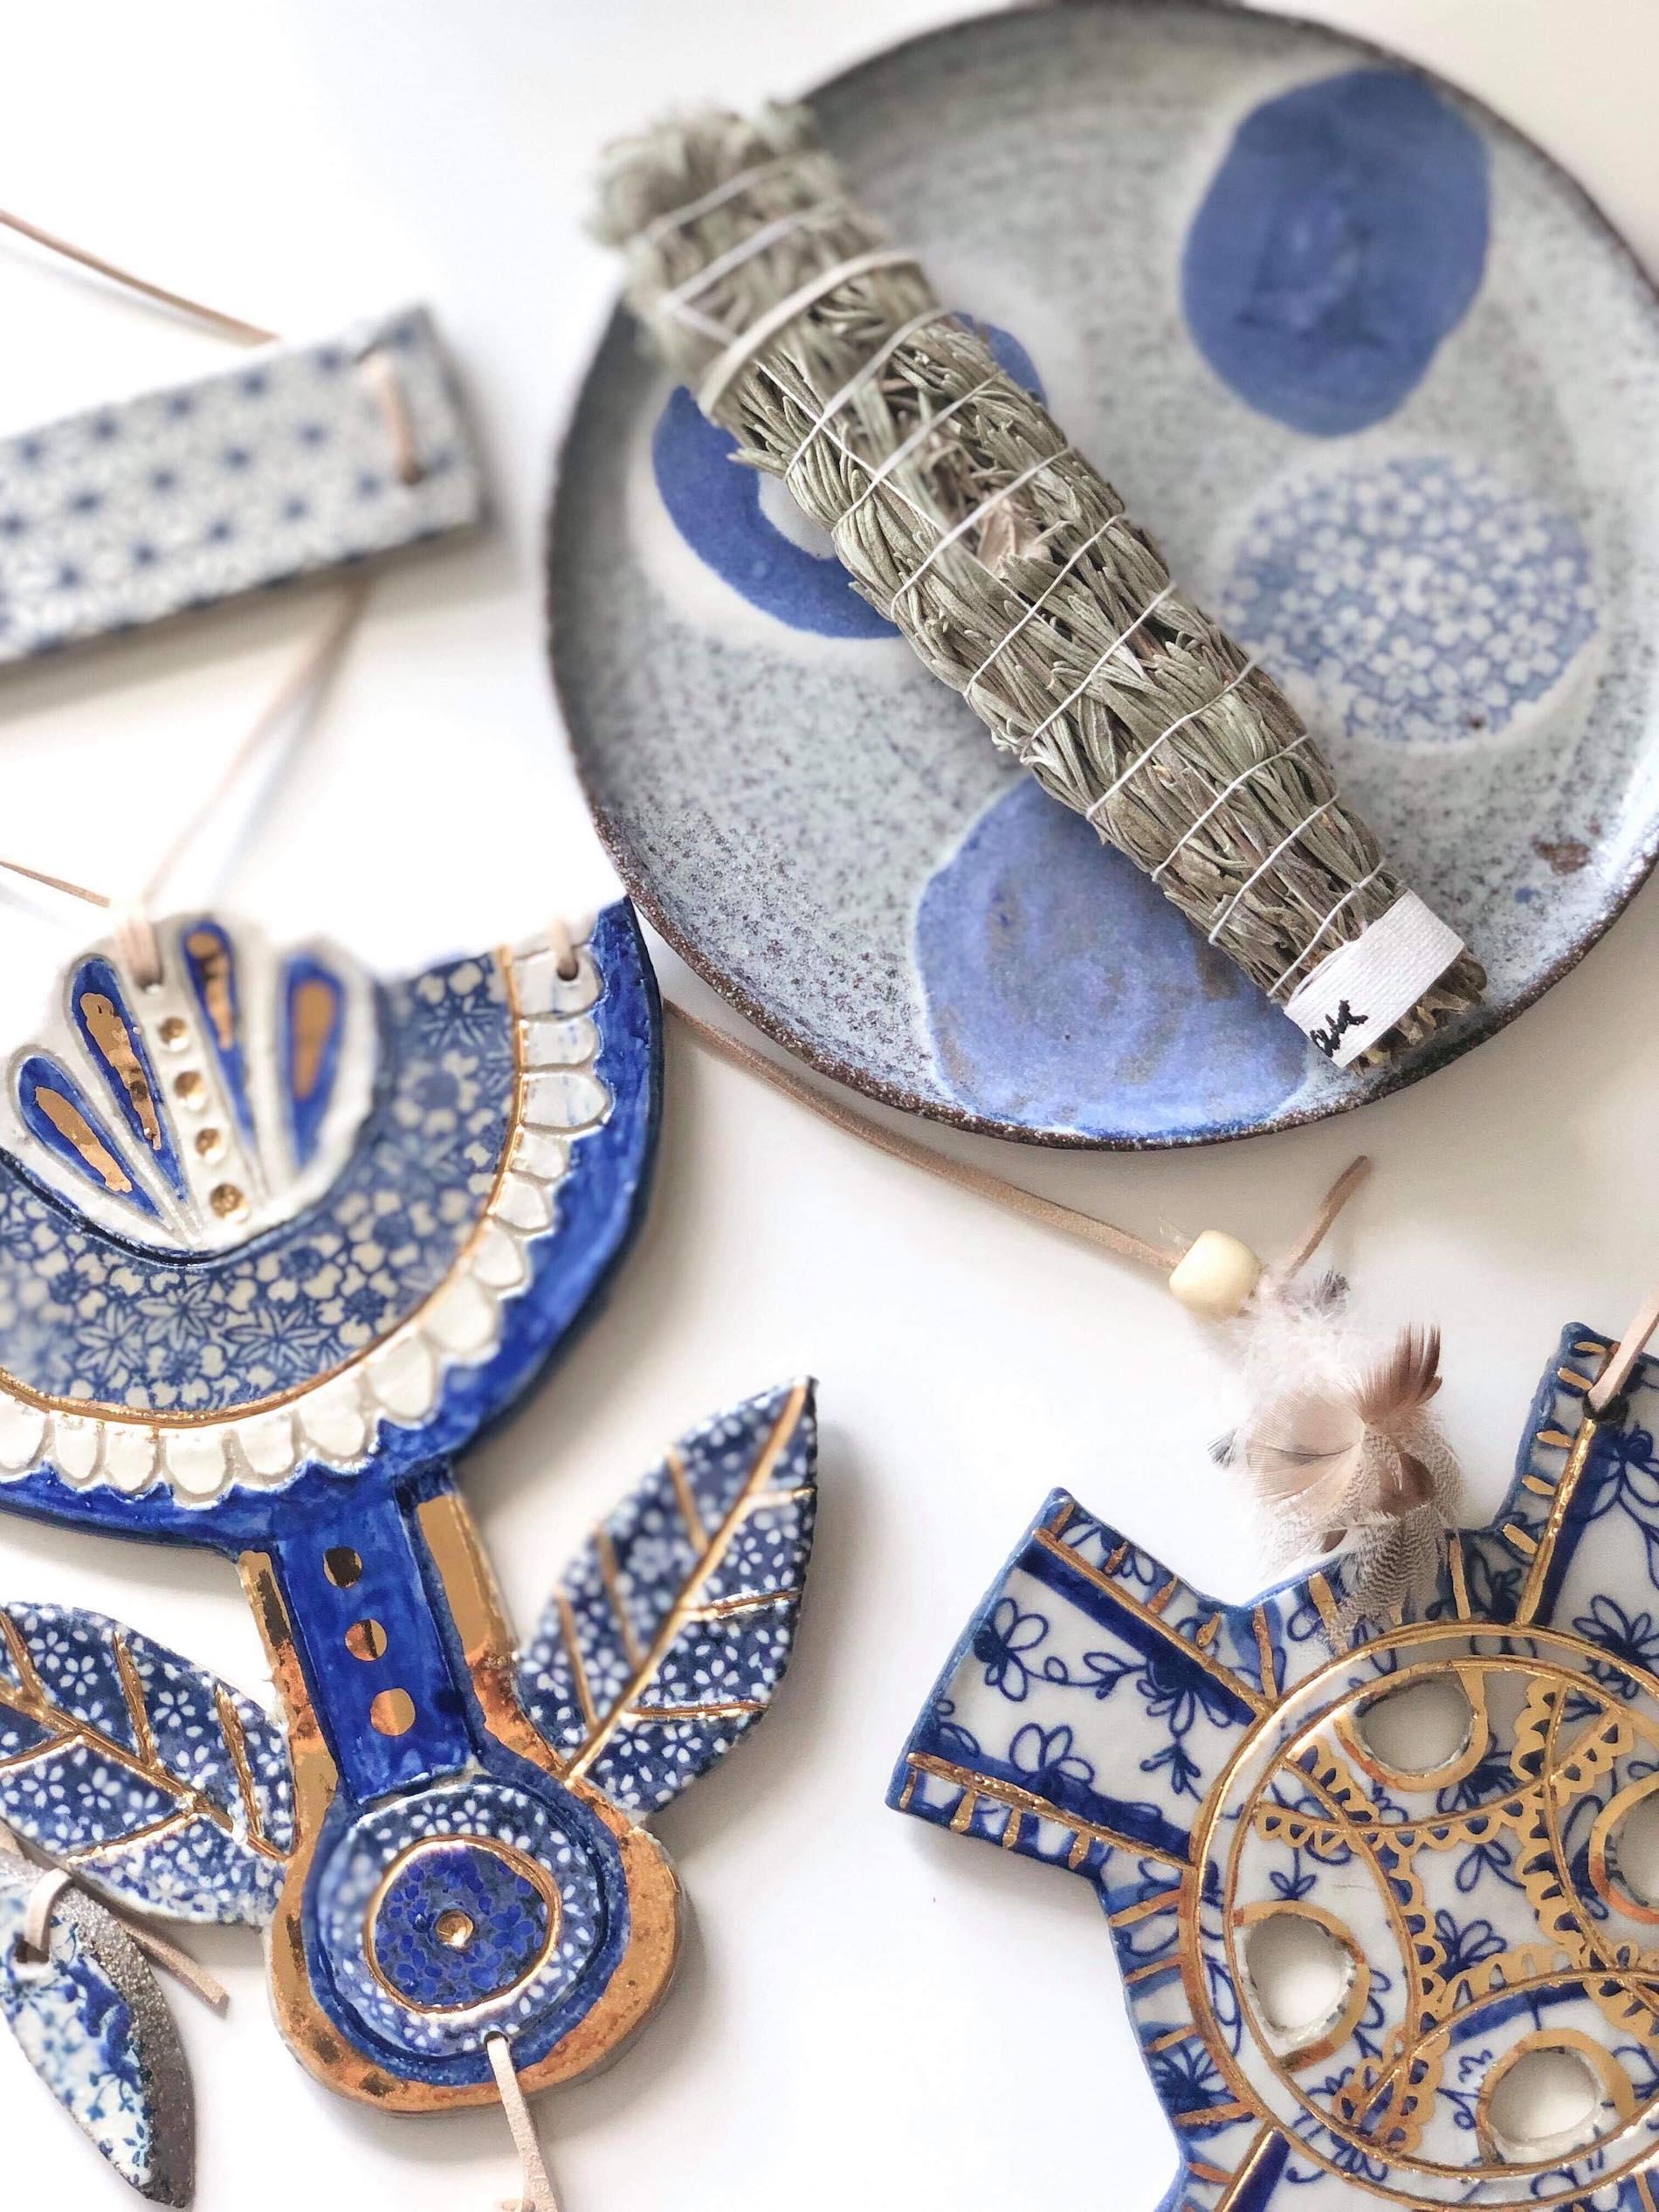 Close-up of Carys Martin Ceramics pieces